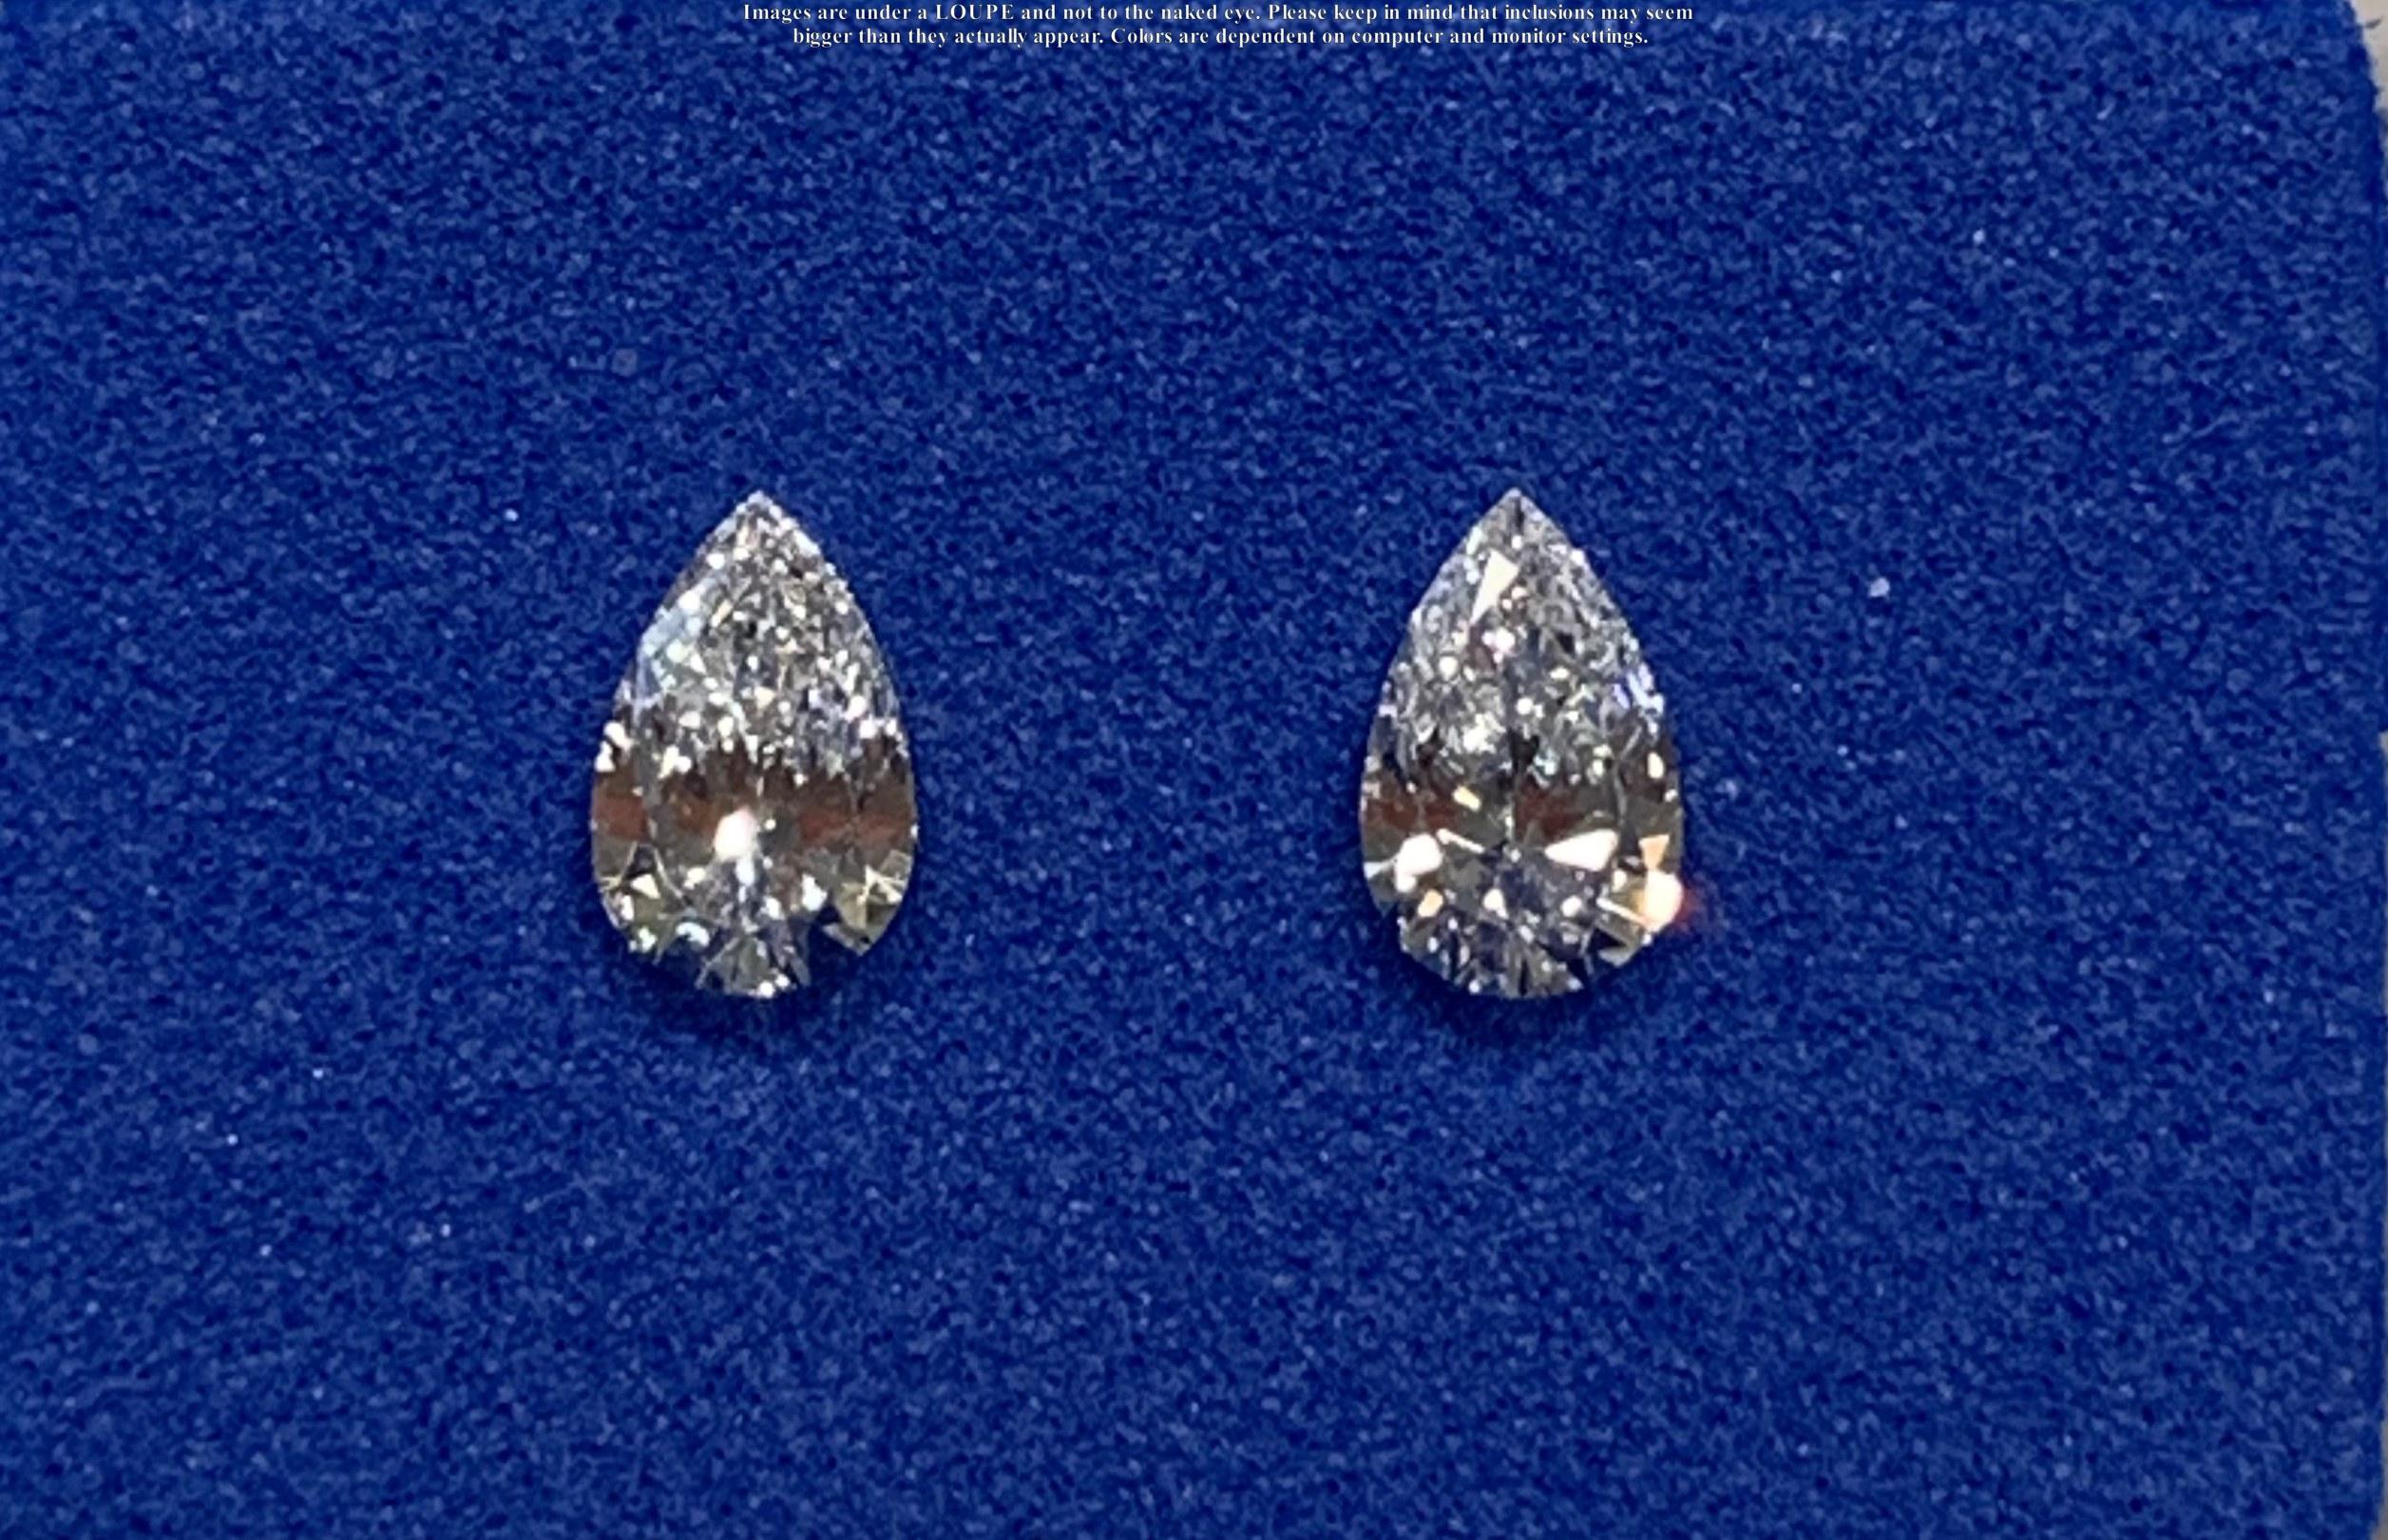 Emerald City Jewelers - Diamond Image - .01227